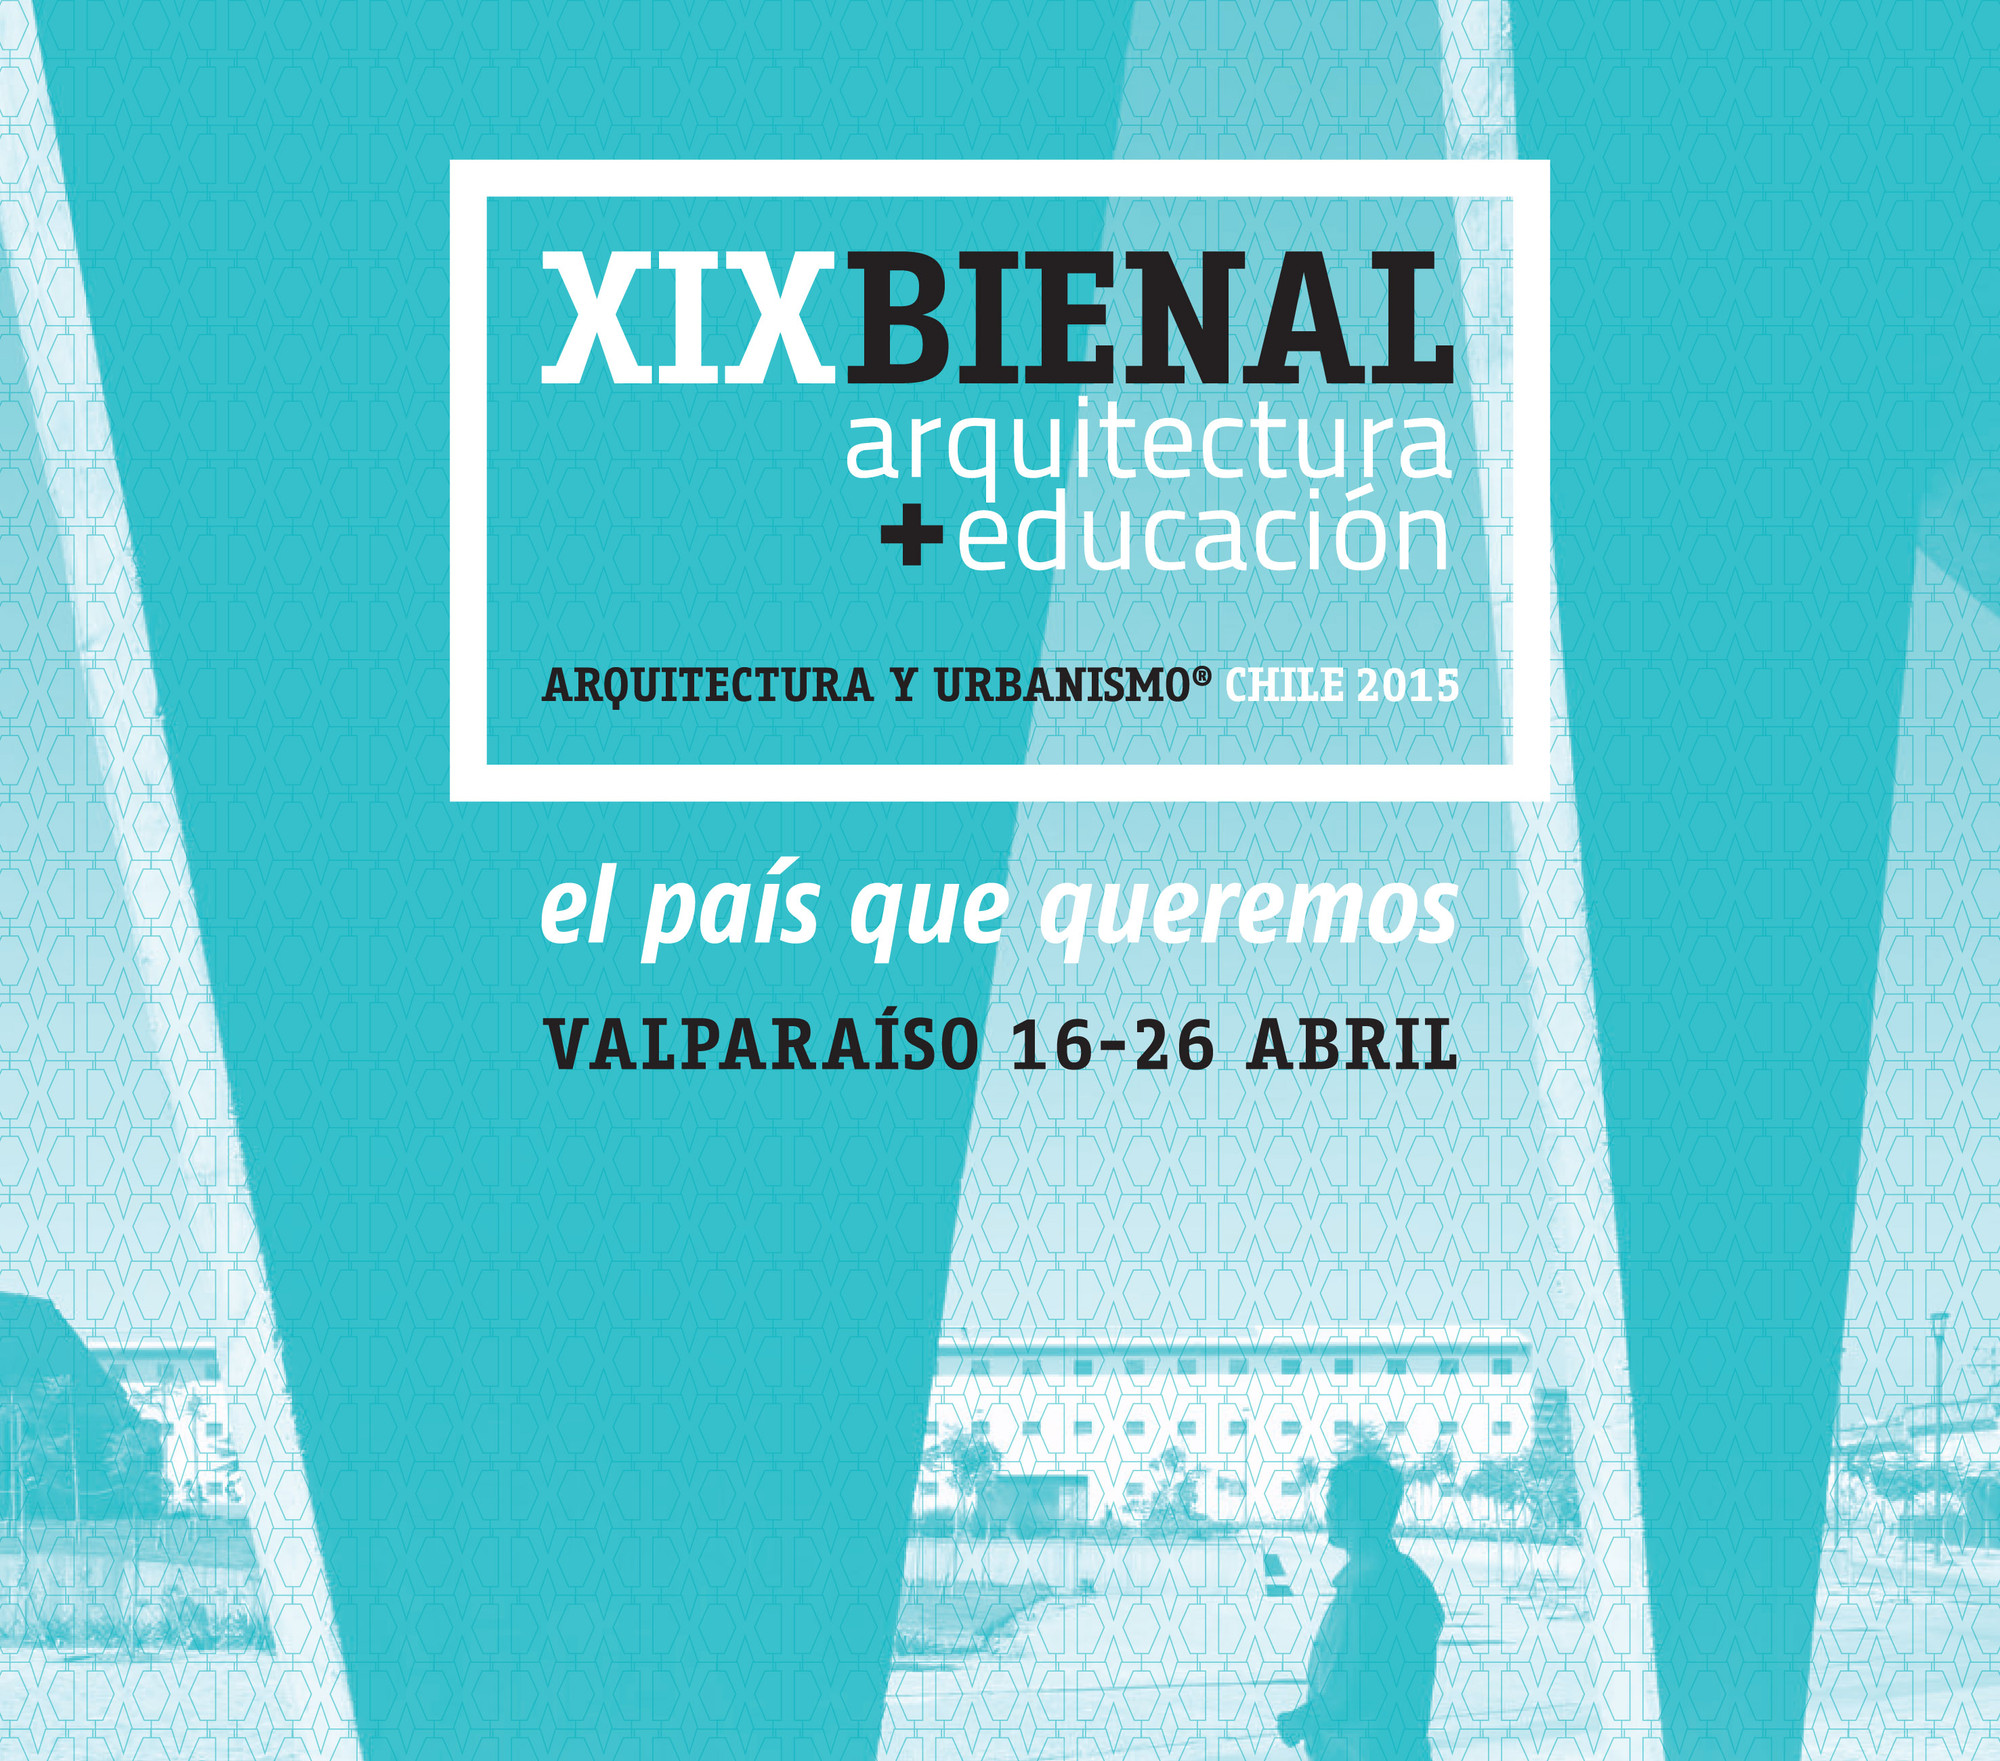 Conoce el programa completo de actividades gratuitas en la XIX Bienal de Arquitectura y Urbanismo de Chile, Cortesia de Bienal de Arquitectura de Chile